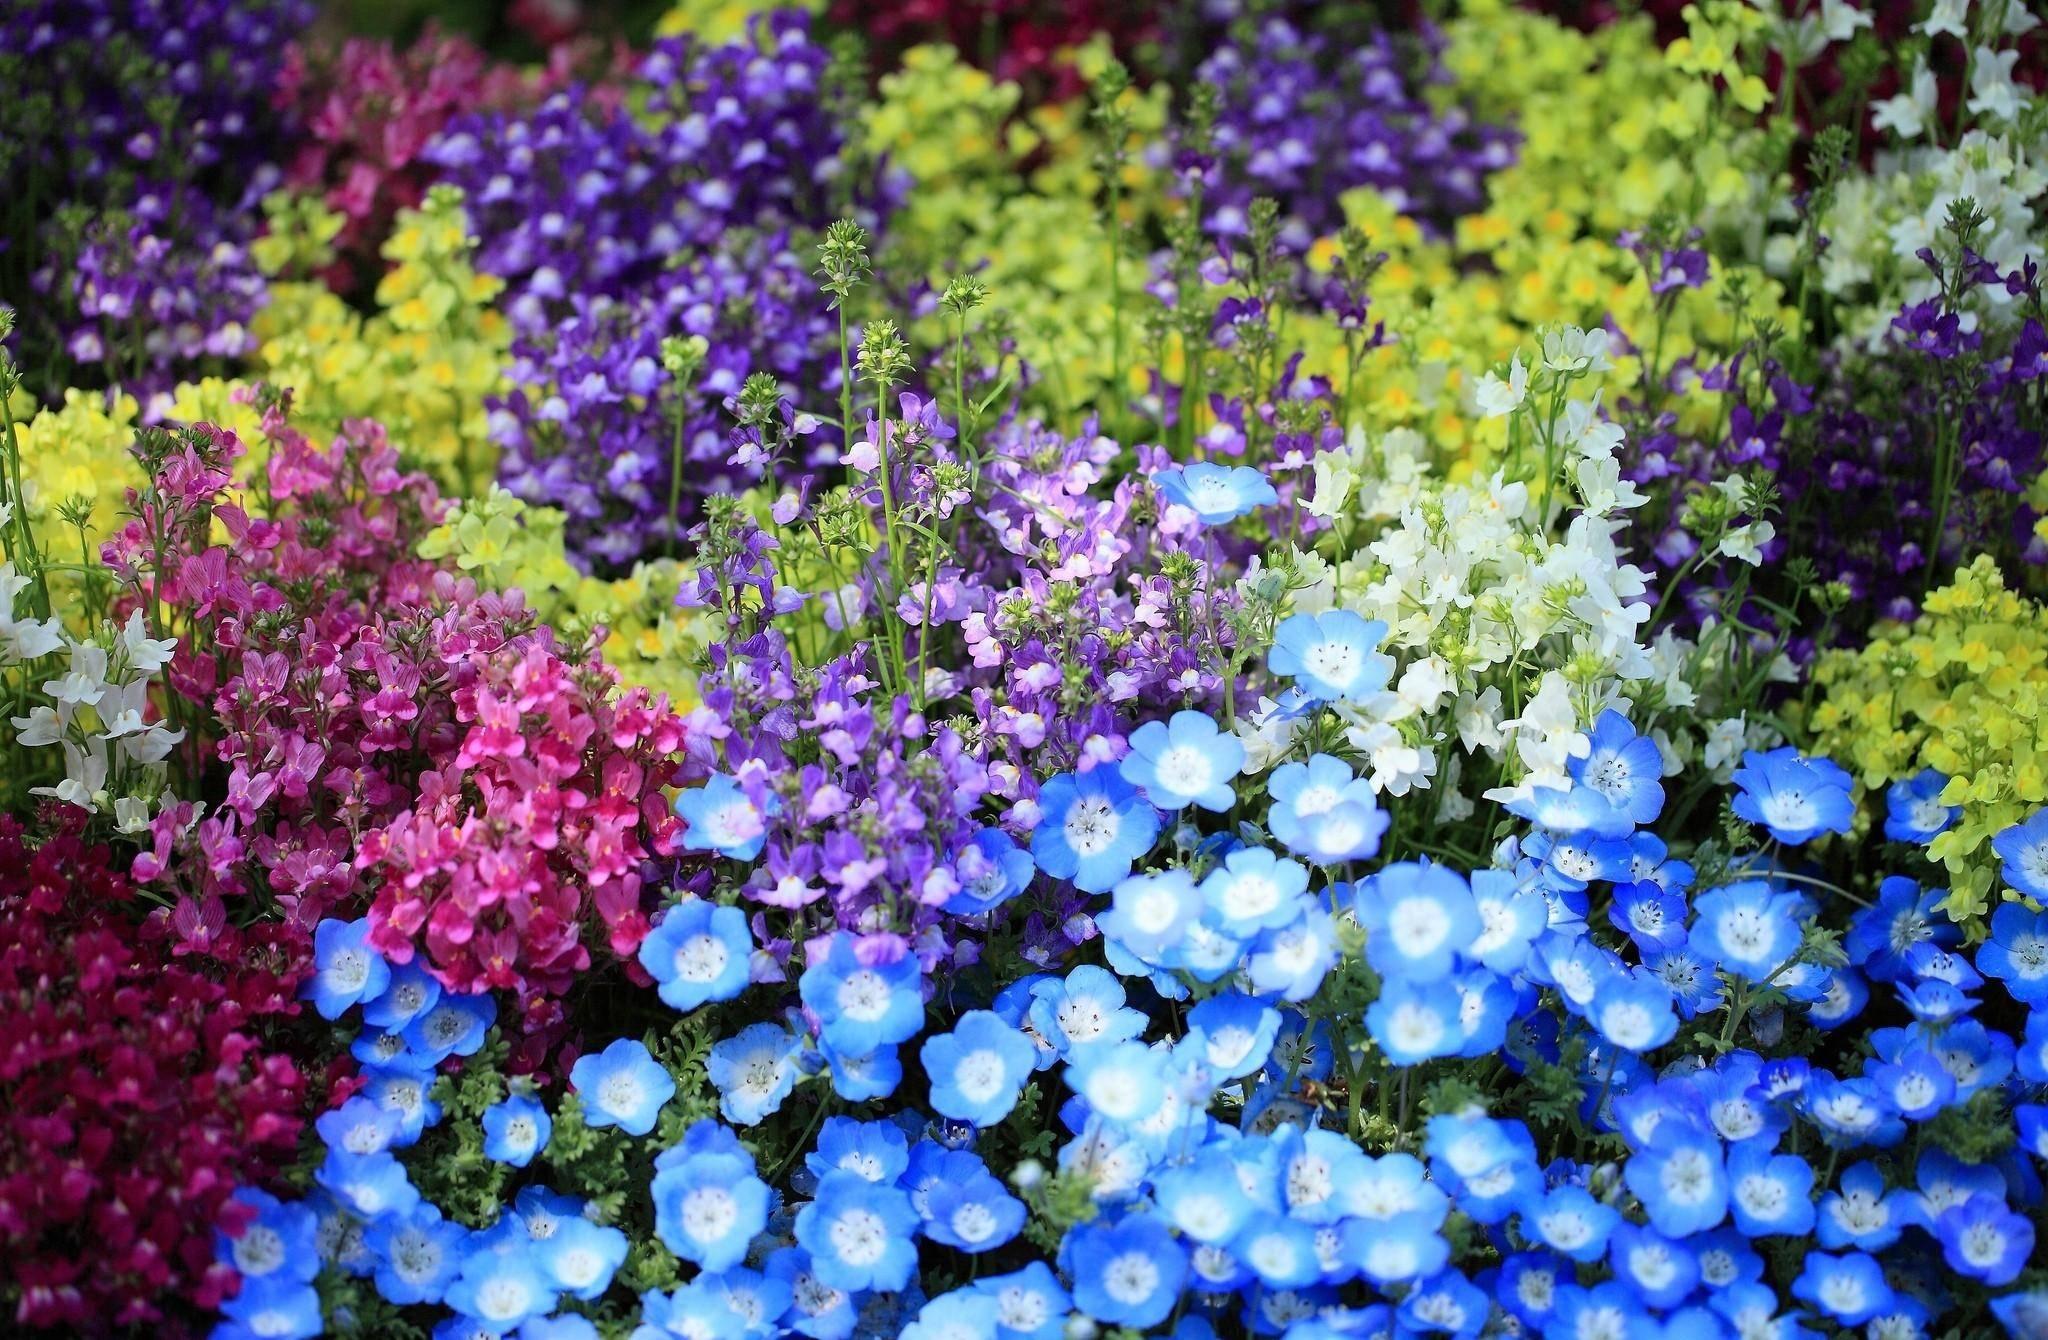 Посевной календарь огородника и садовода на июль 2019🌸 Благоприятные дни для посадок 🌸